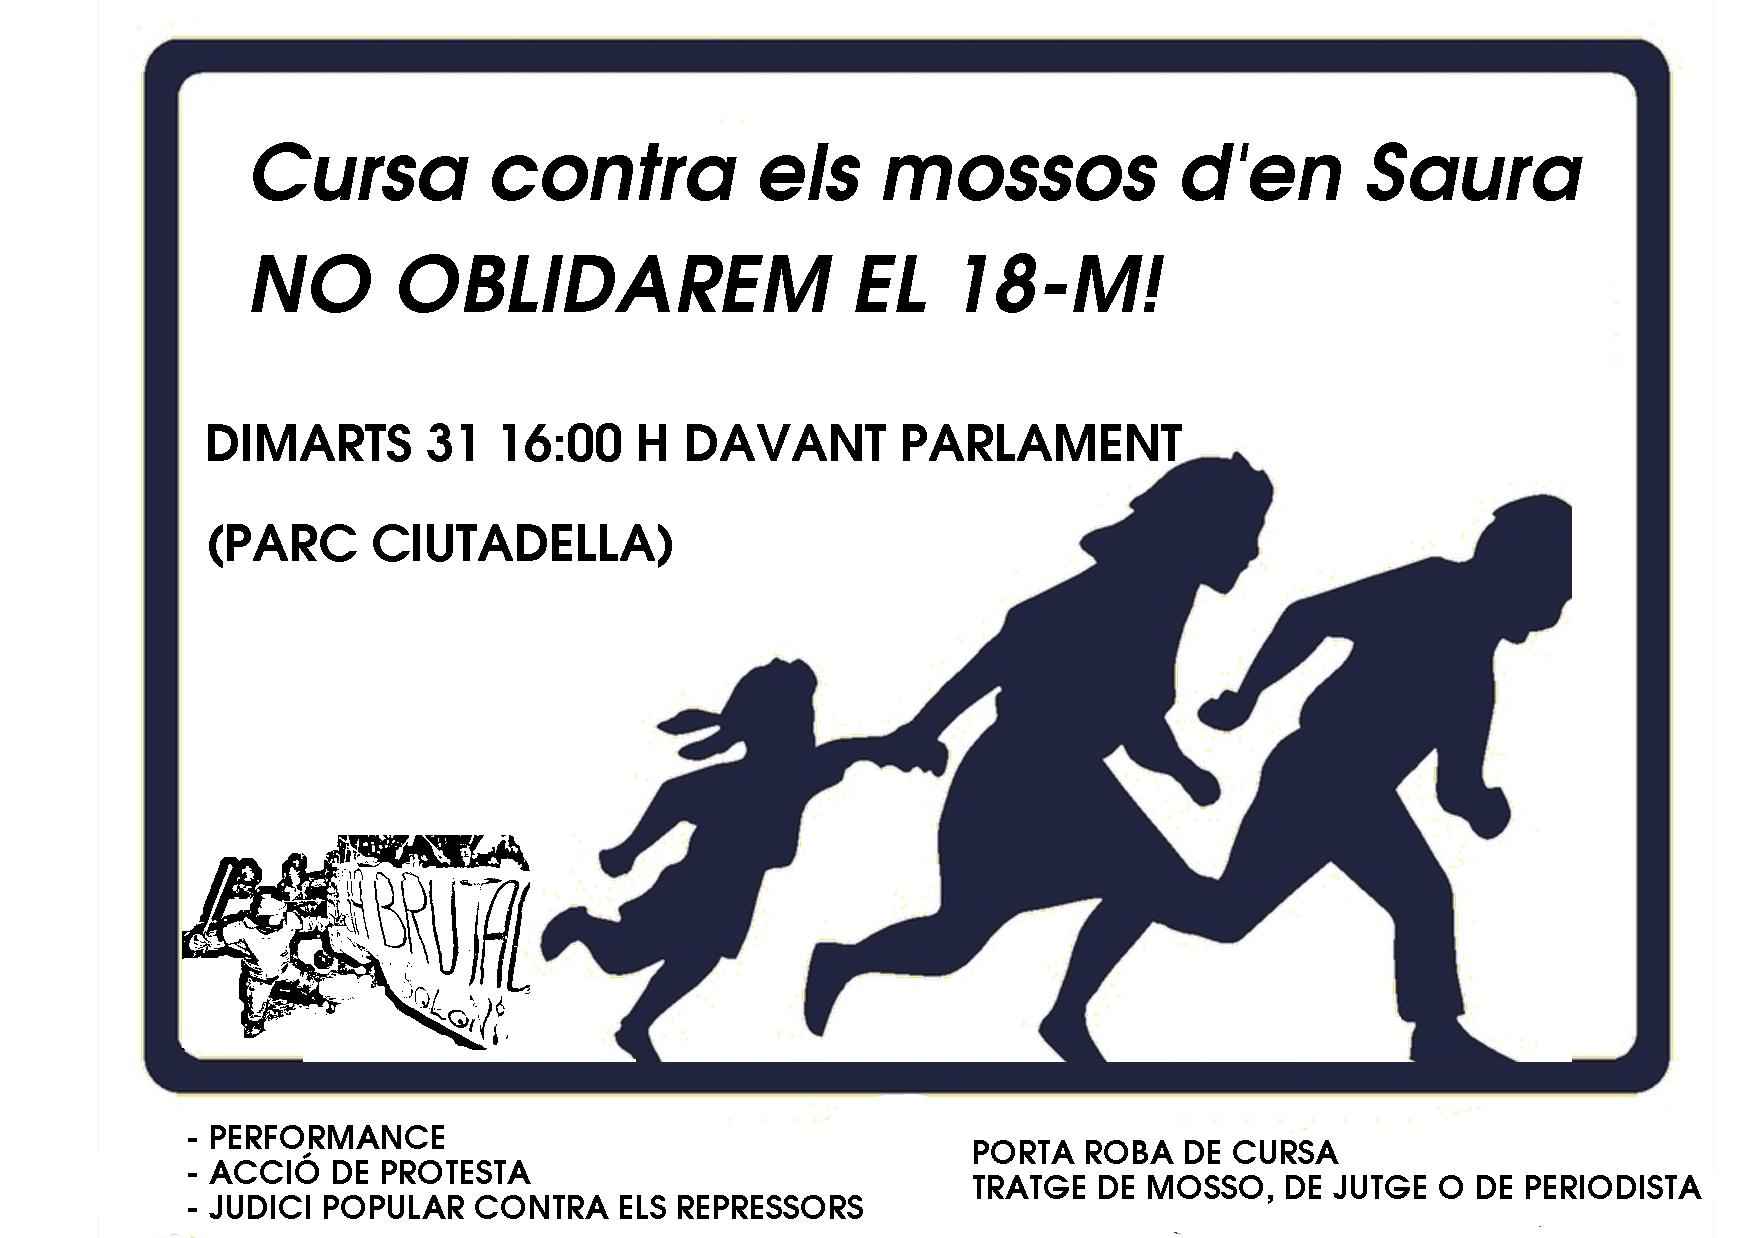 mossos-ub-vespre